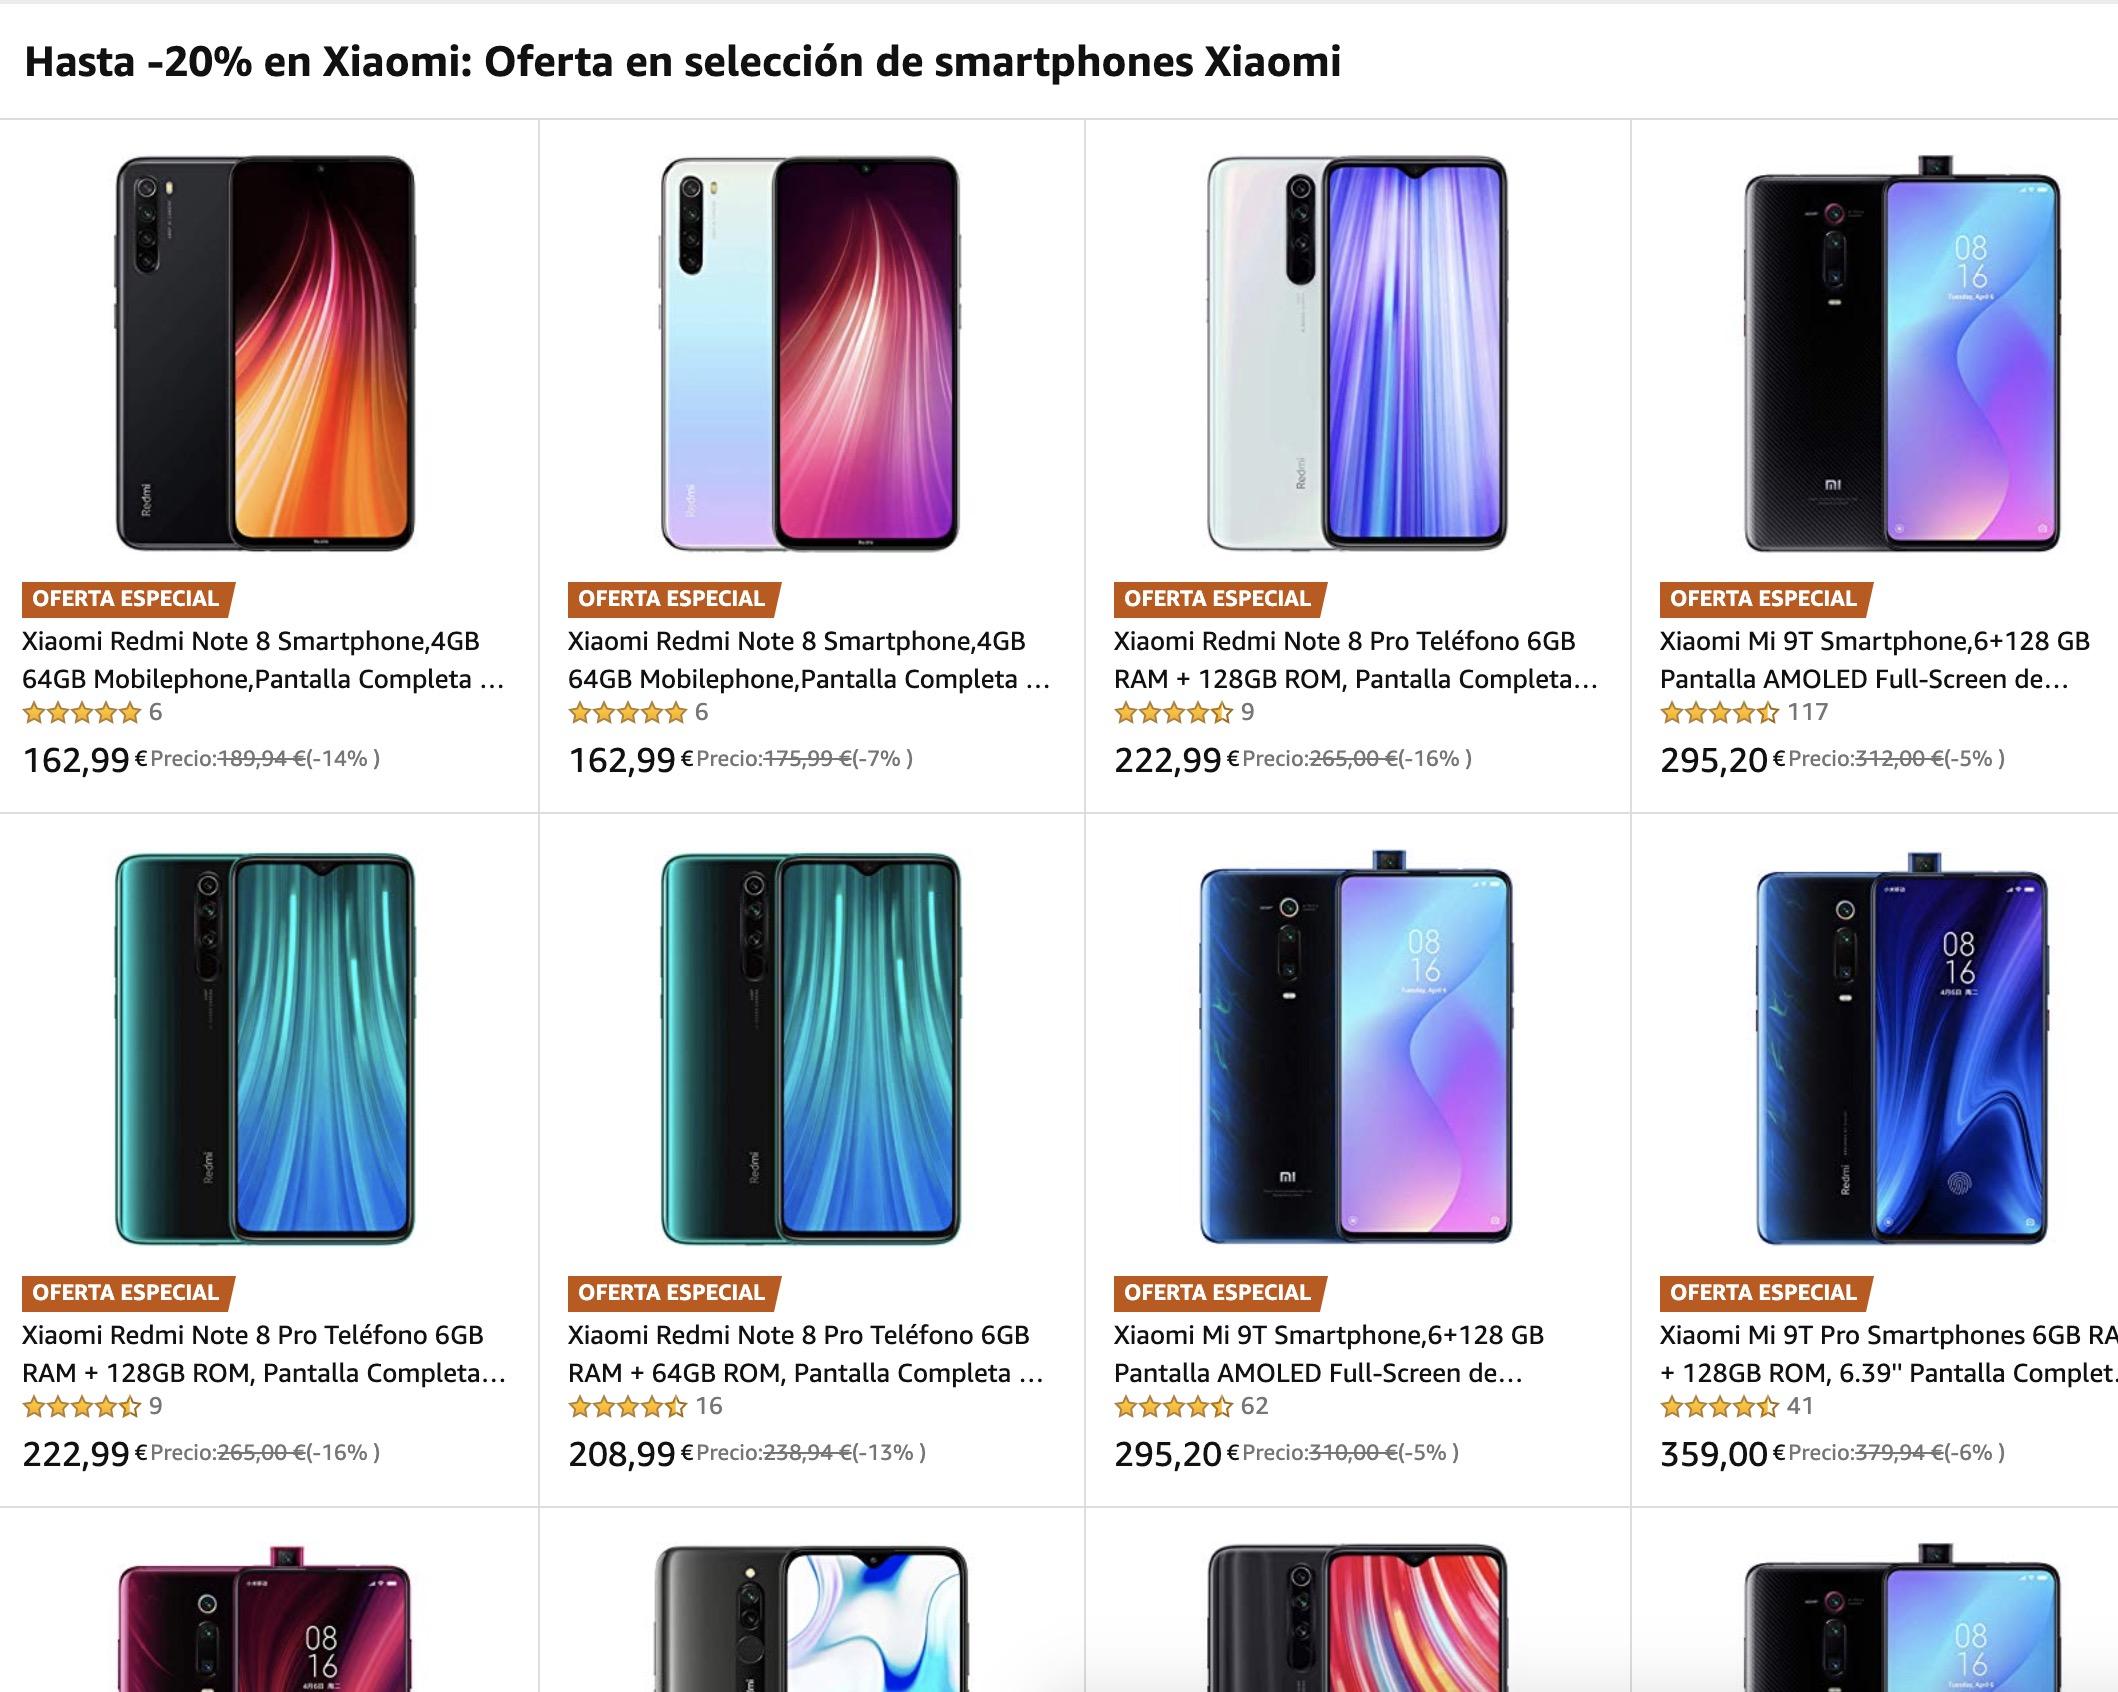 20% descuento en Xiaomi Amazon